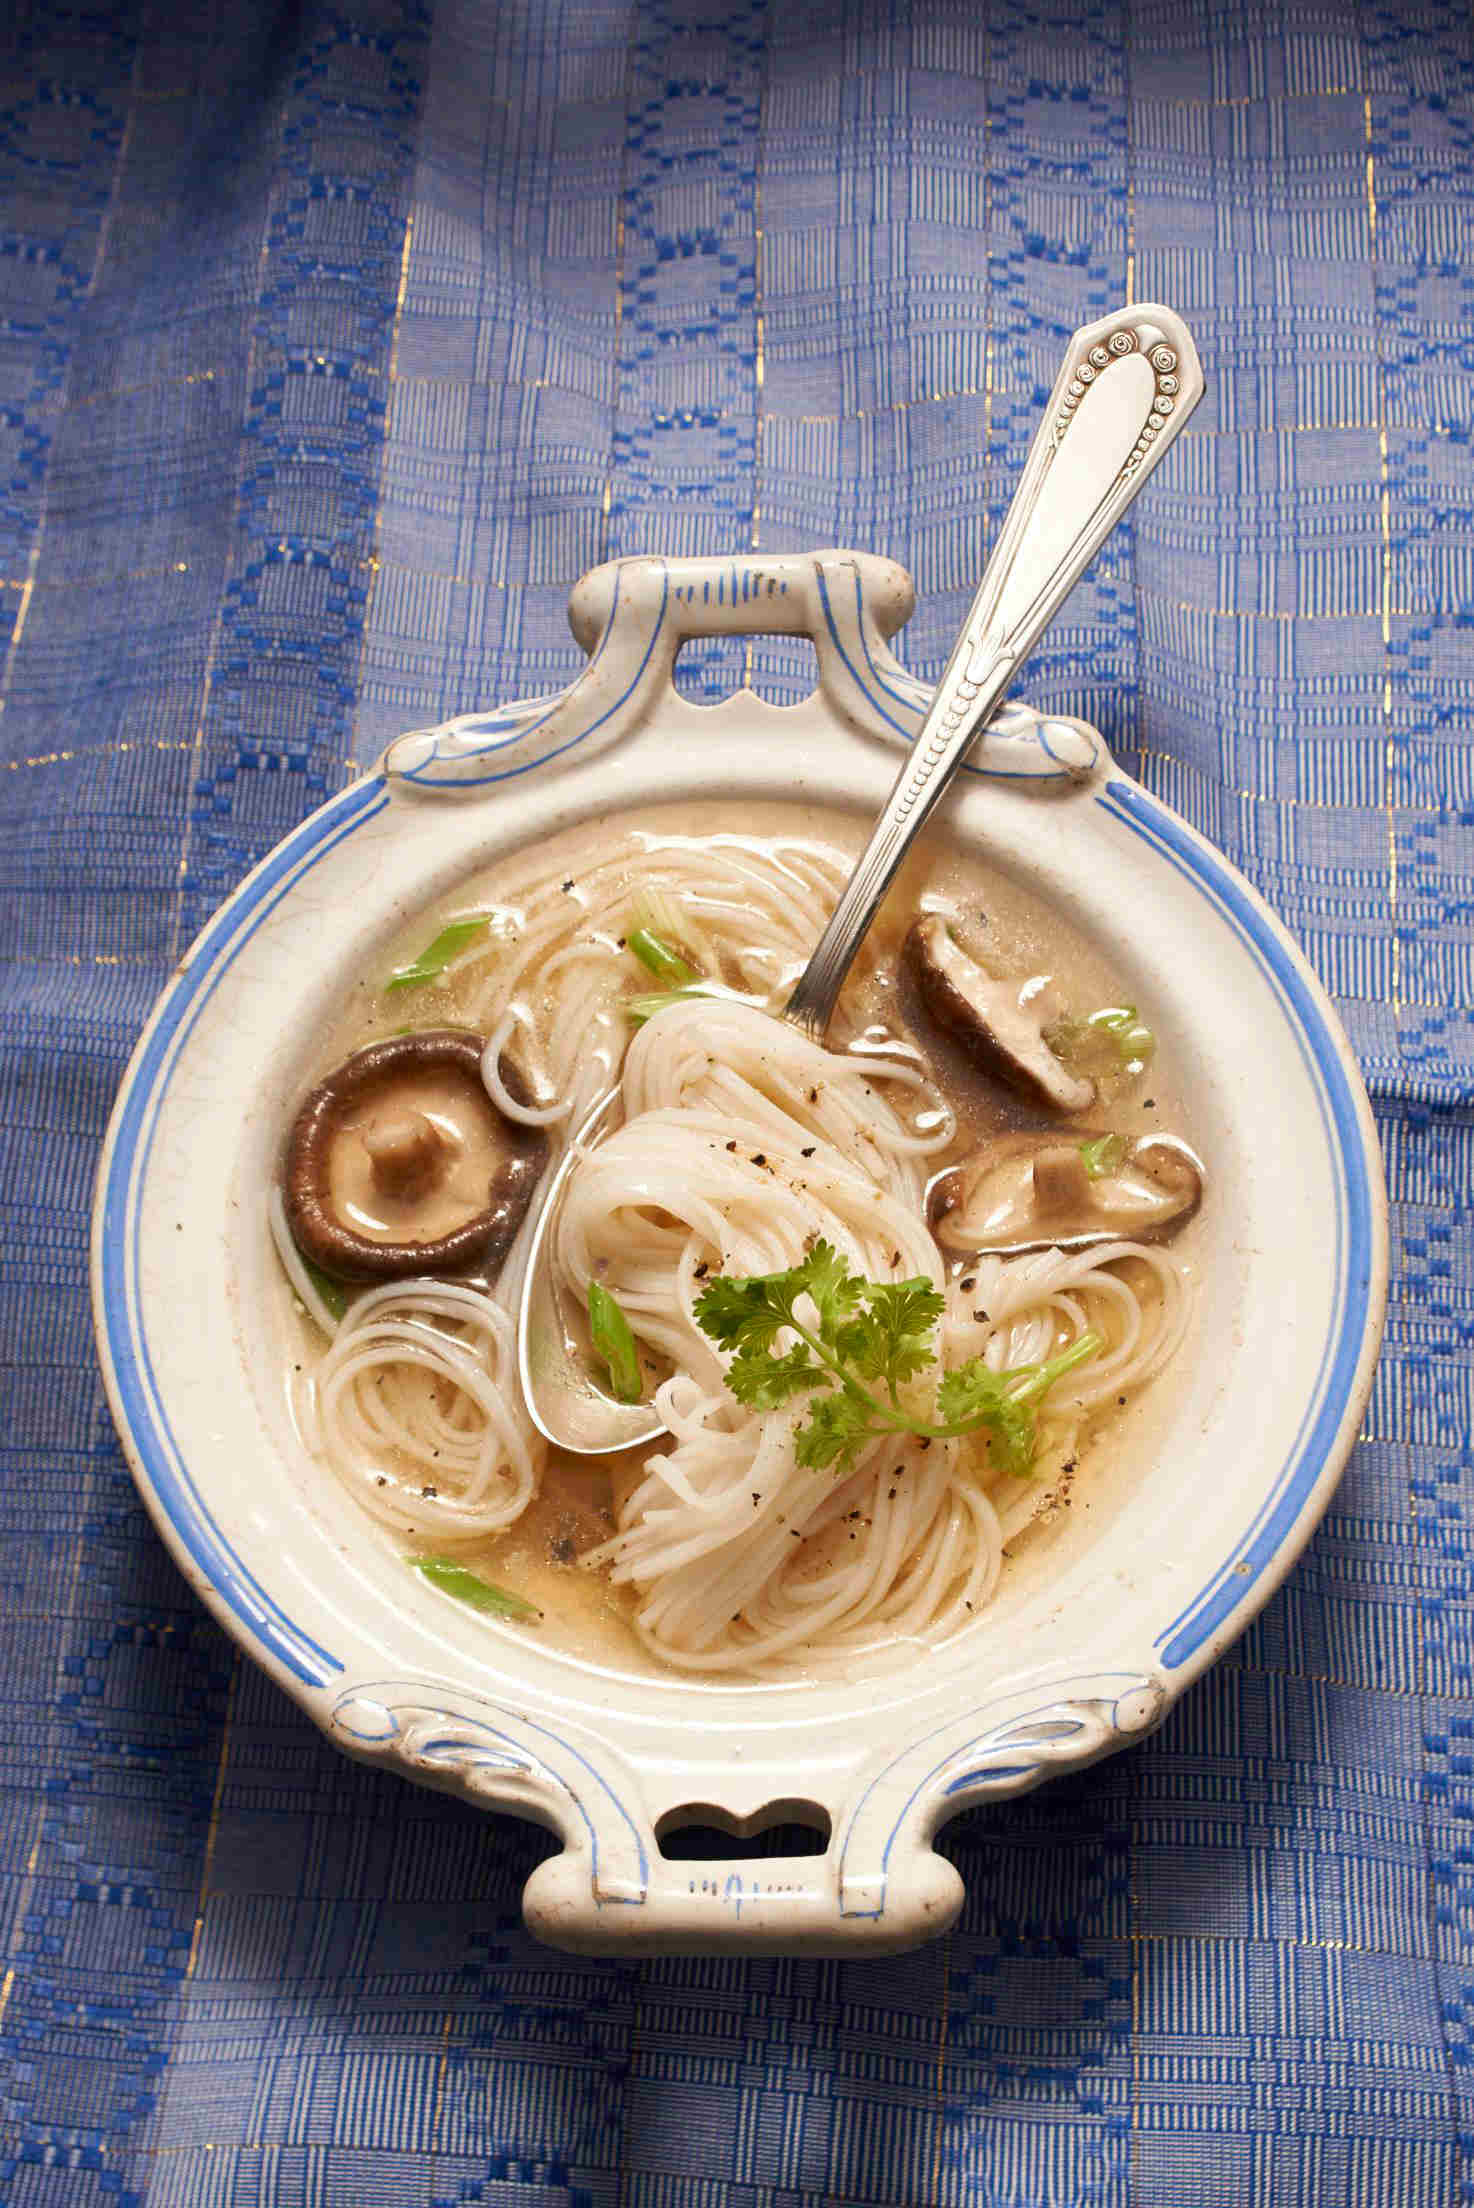 streetfood | bali & java - indonesien vegetarisch